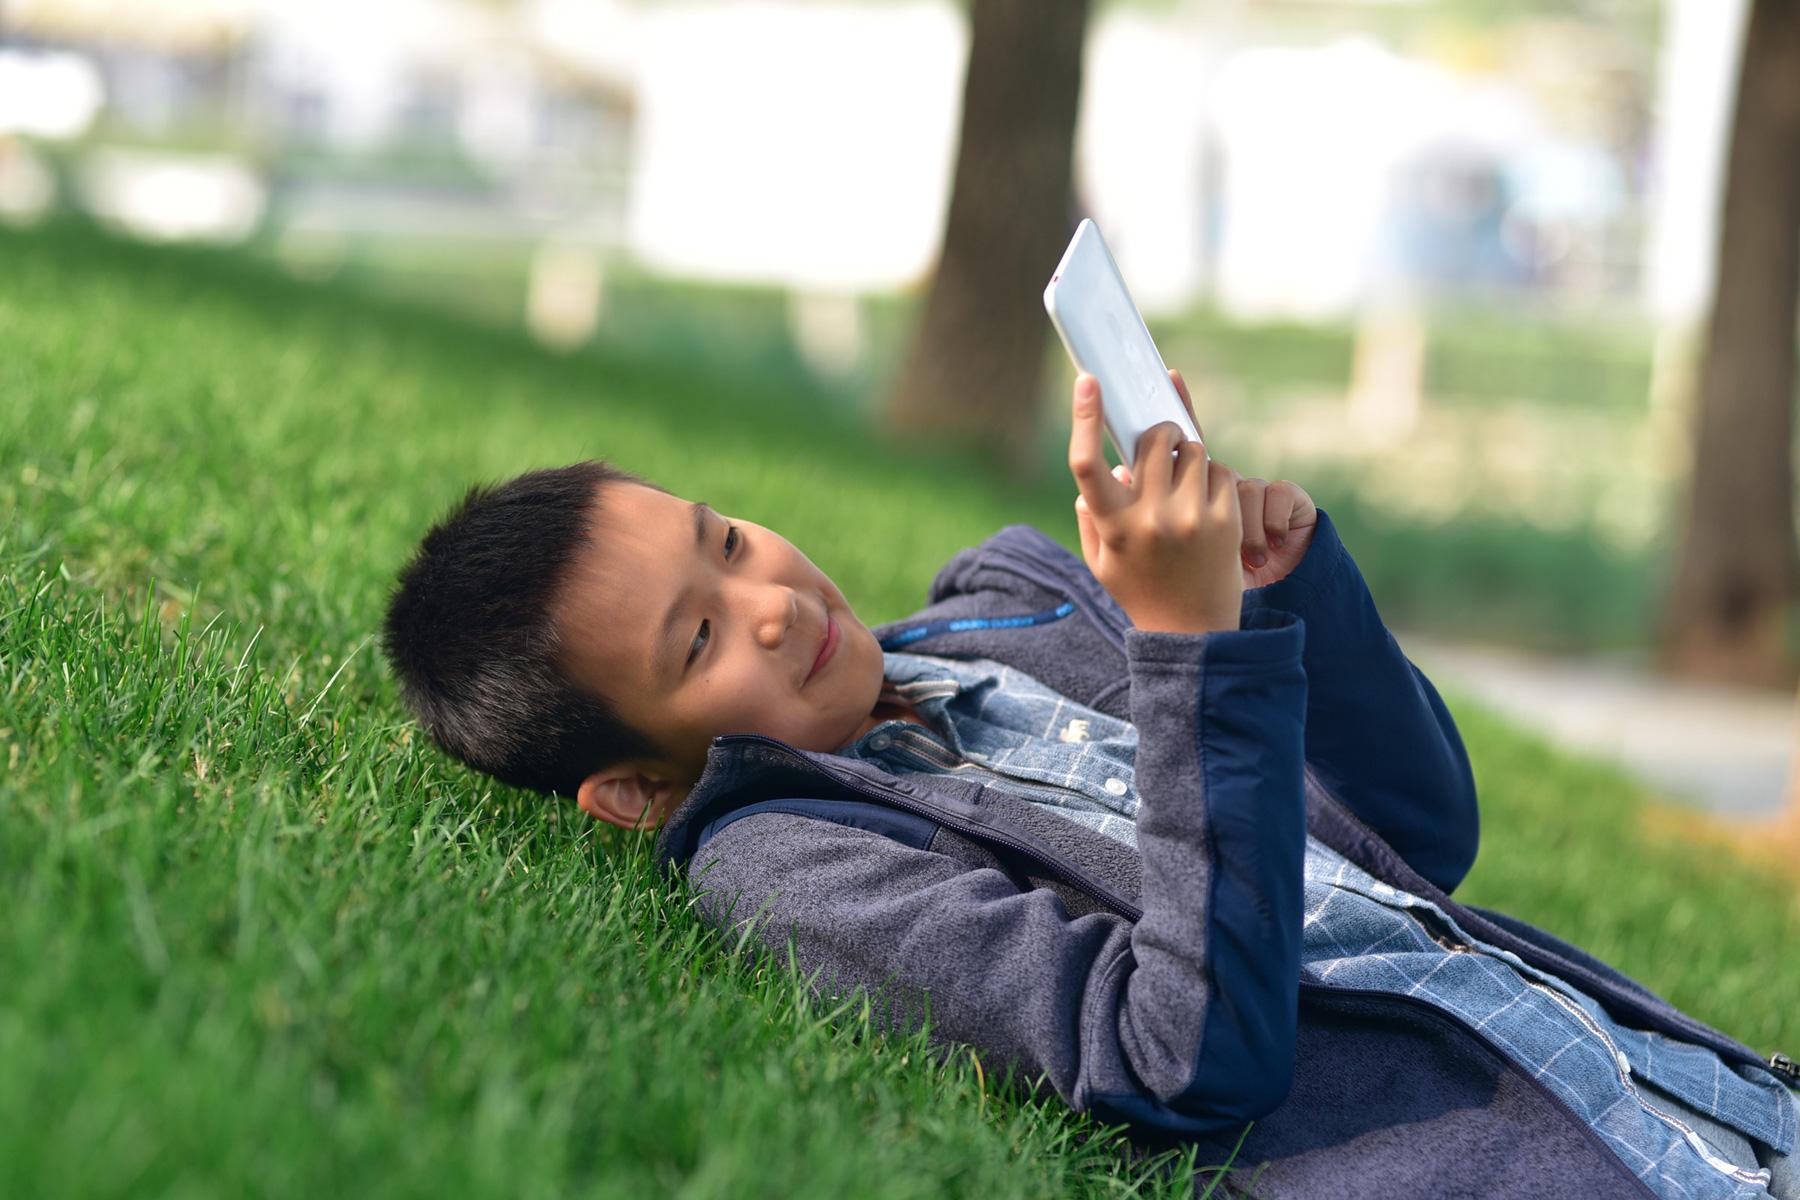 更适合青少年阅读 掌阅iReader Light青少版图赏